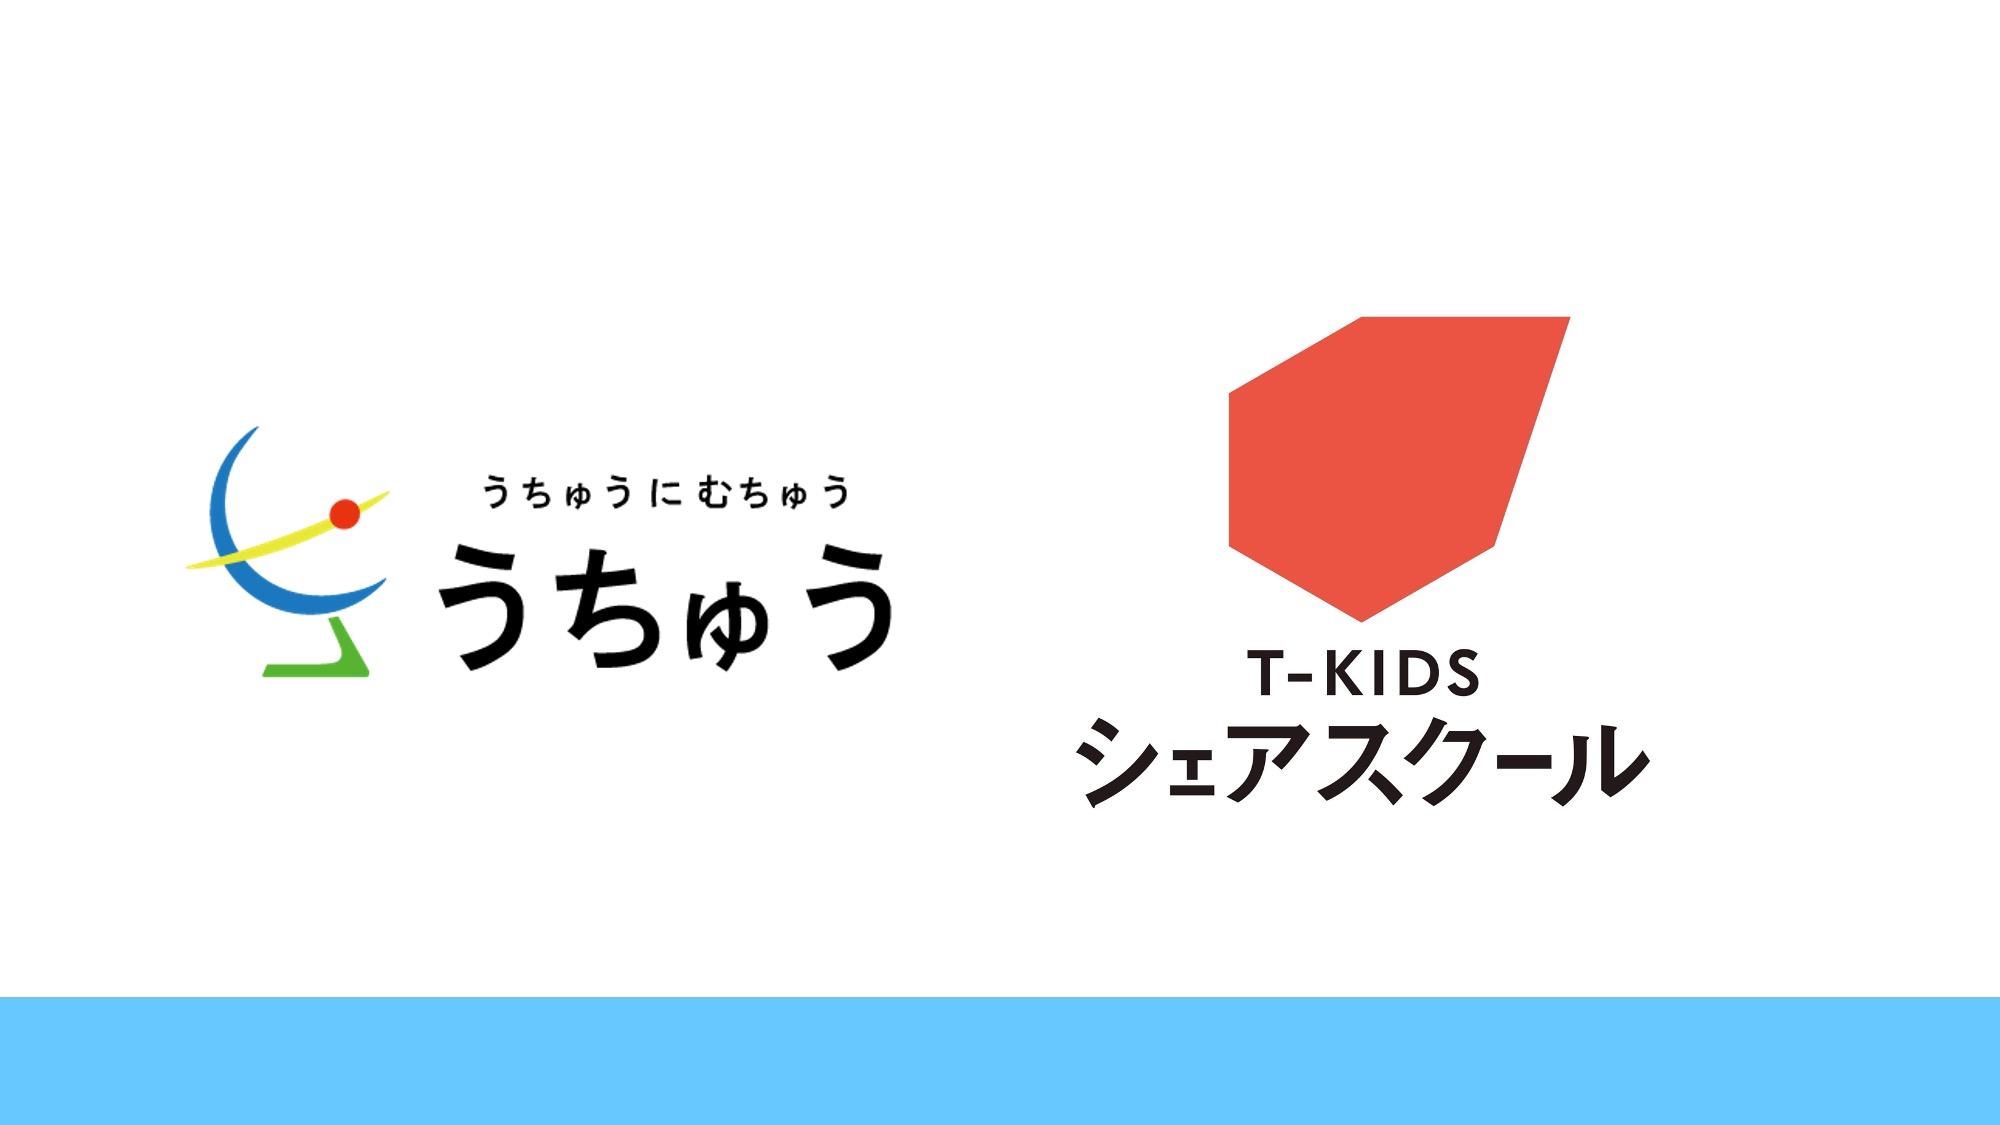 2020/6/27 オンラインうちゅう教室実施